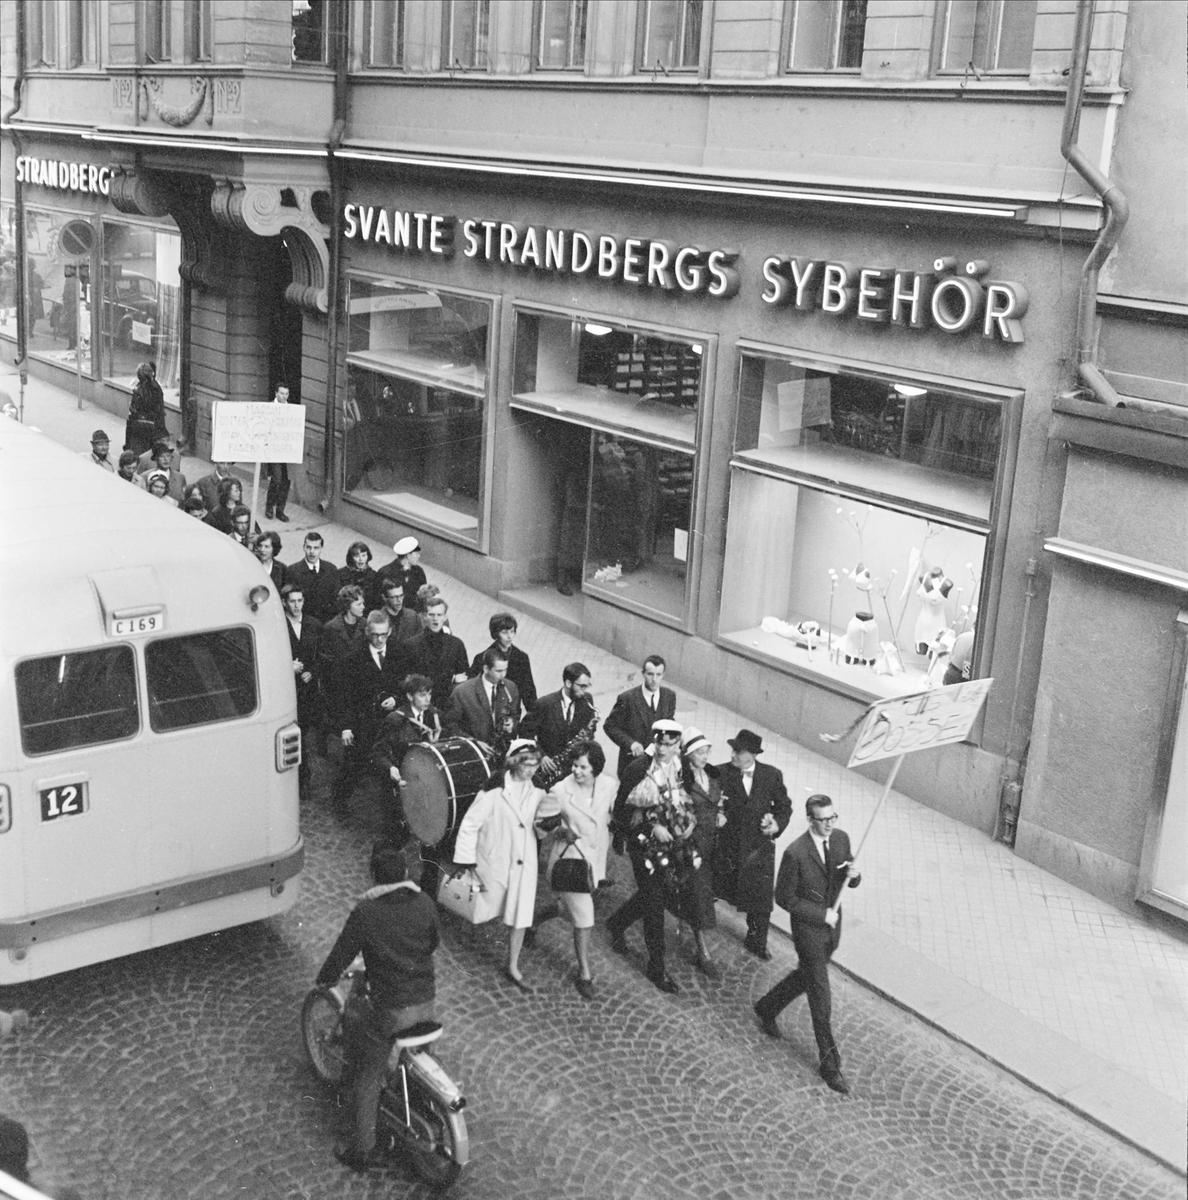 Studentfirande på Drottninggatan utanför Strandbergs sybehörsaffär, kvarteret Näktergalen, Dragarbrunn, Uppsala 1962